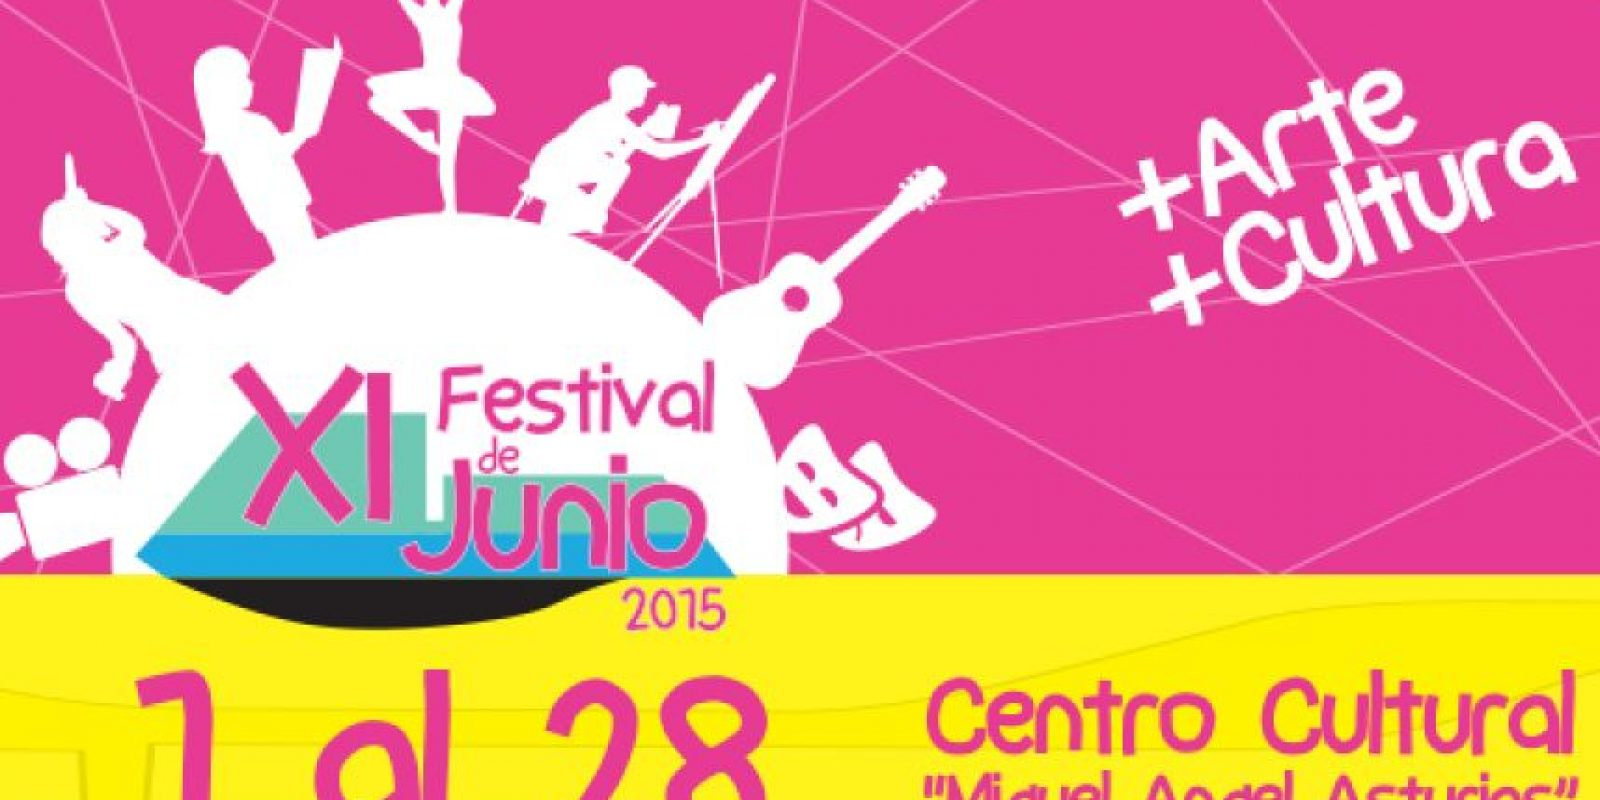 Foto:Cortesía Festival de Junio Centro Cultural Miguel Ángel Asturias